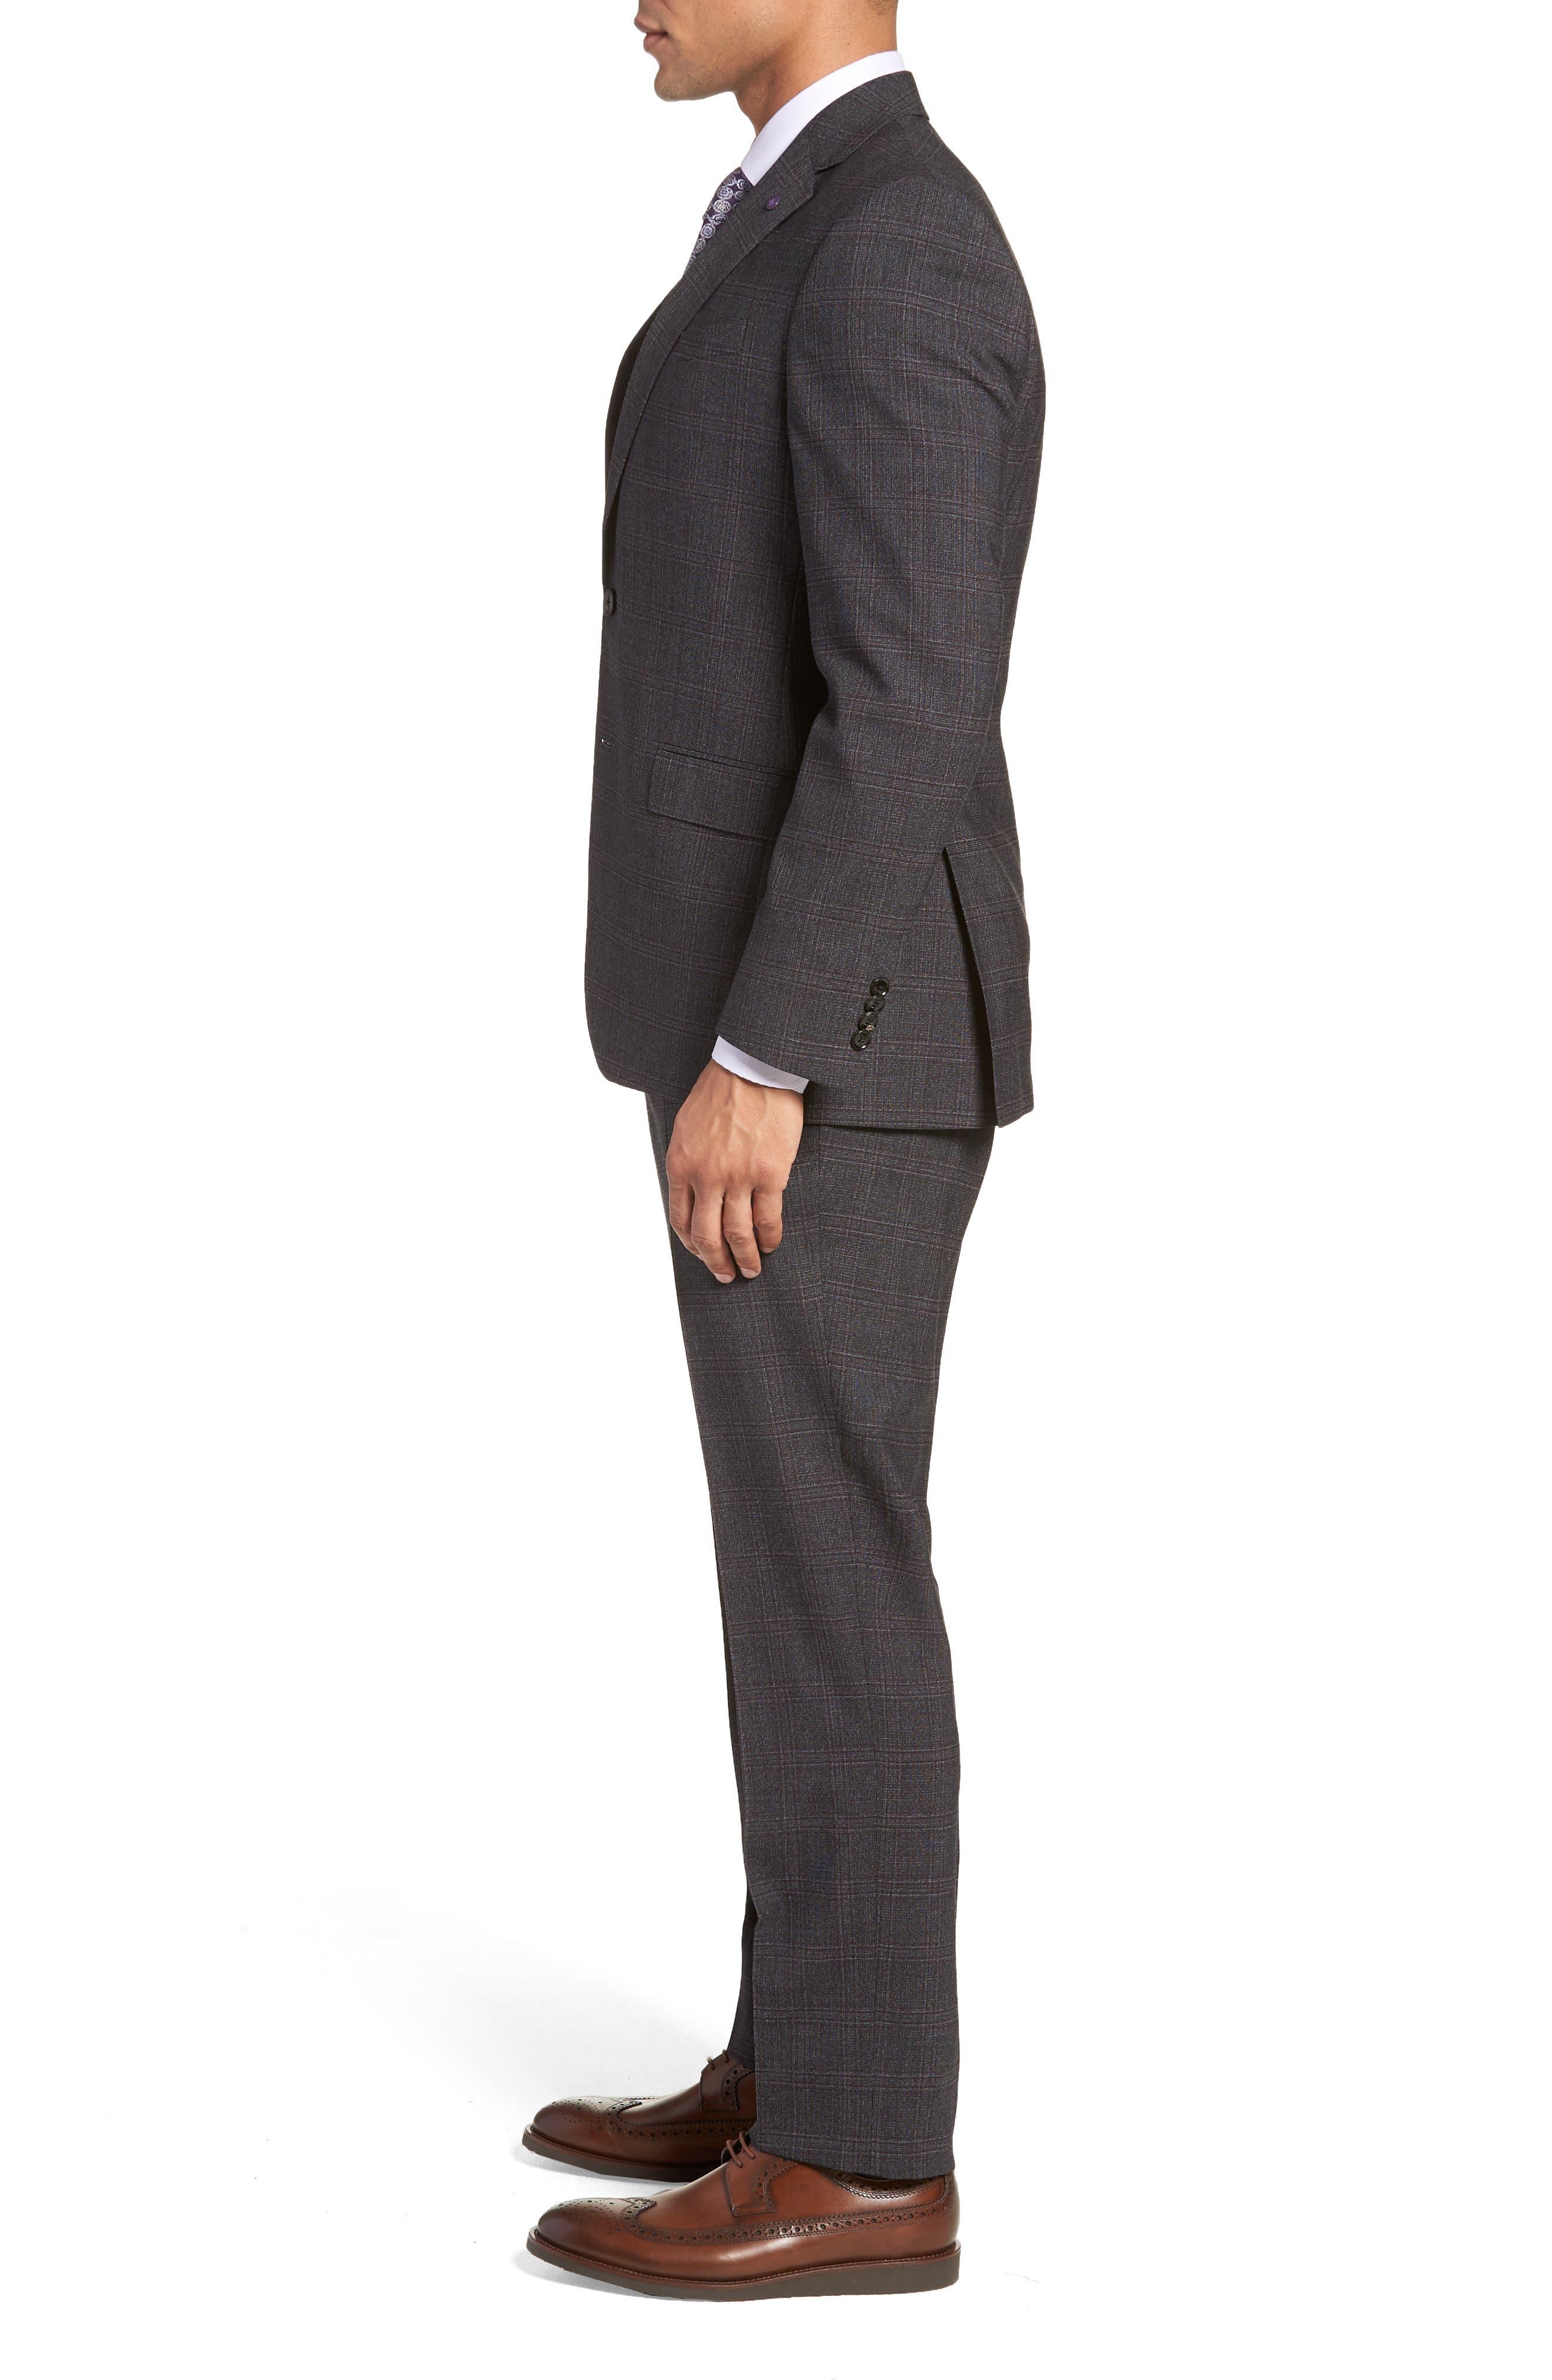 Jay Trim Fit Plaid Wool Suit,                             Alternate thumbnail 3, color,                             CHARCOAL